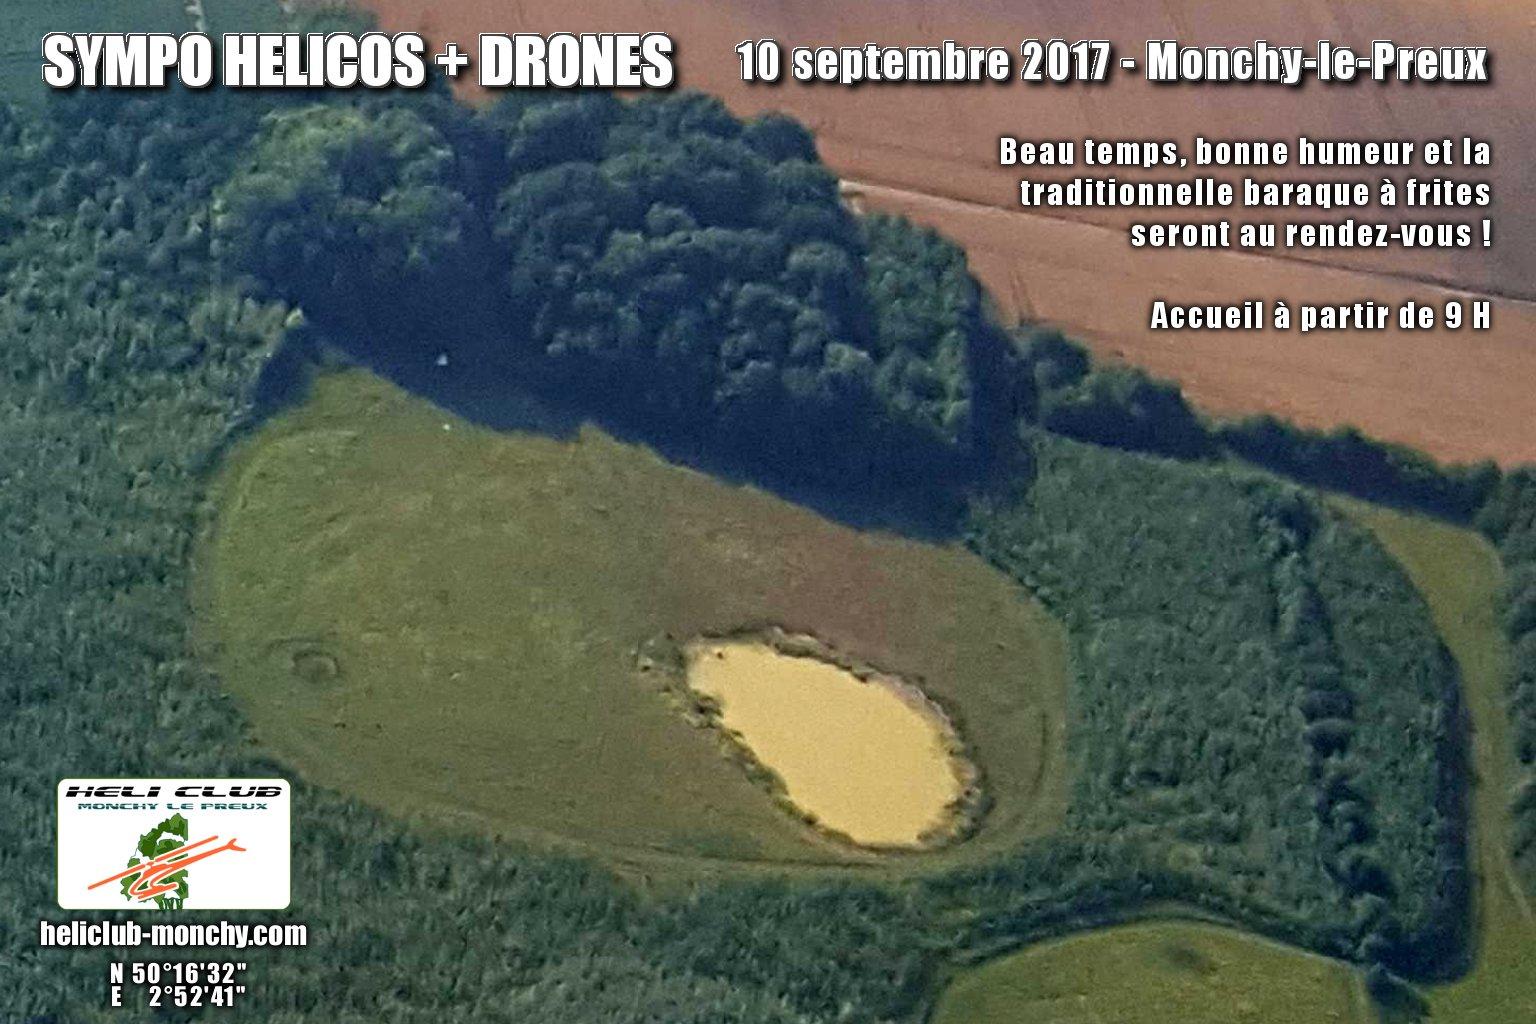 SYMPO HELICOS + DRONES - MONCHY-LE-PREUX (62) - 10 SEPTEMBRE 2017